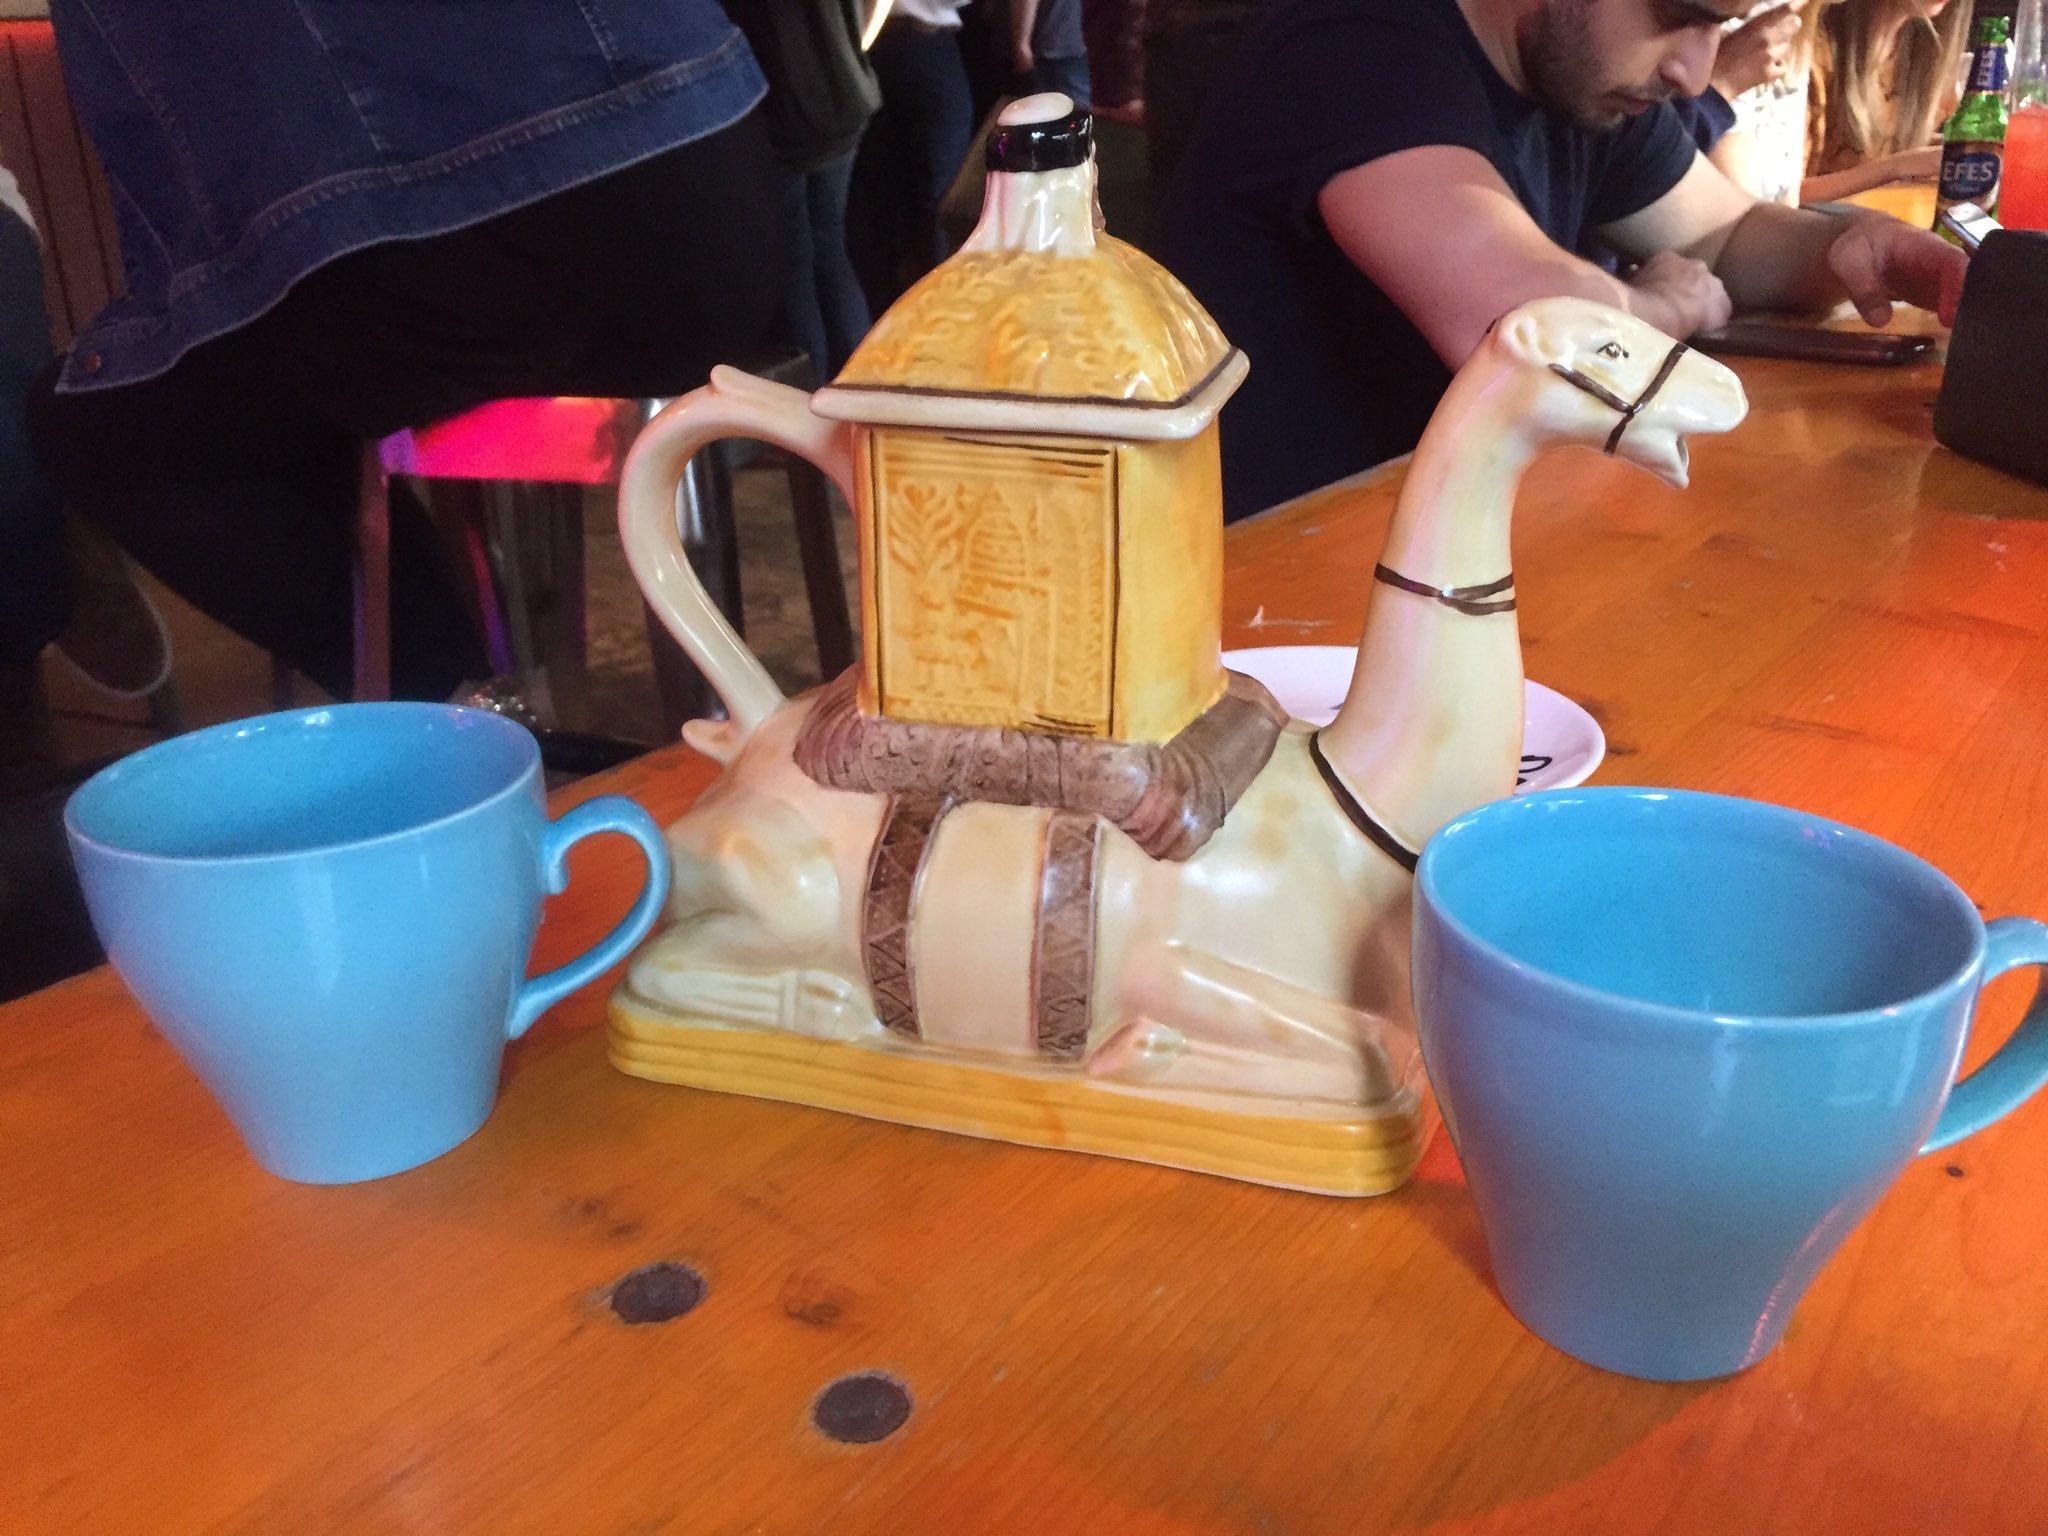 Simmons teapot